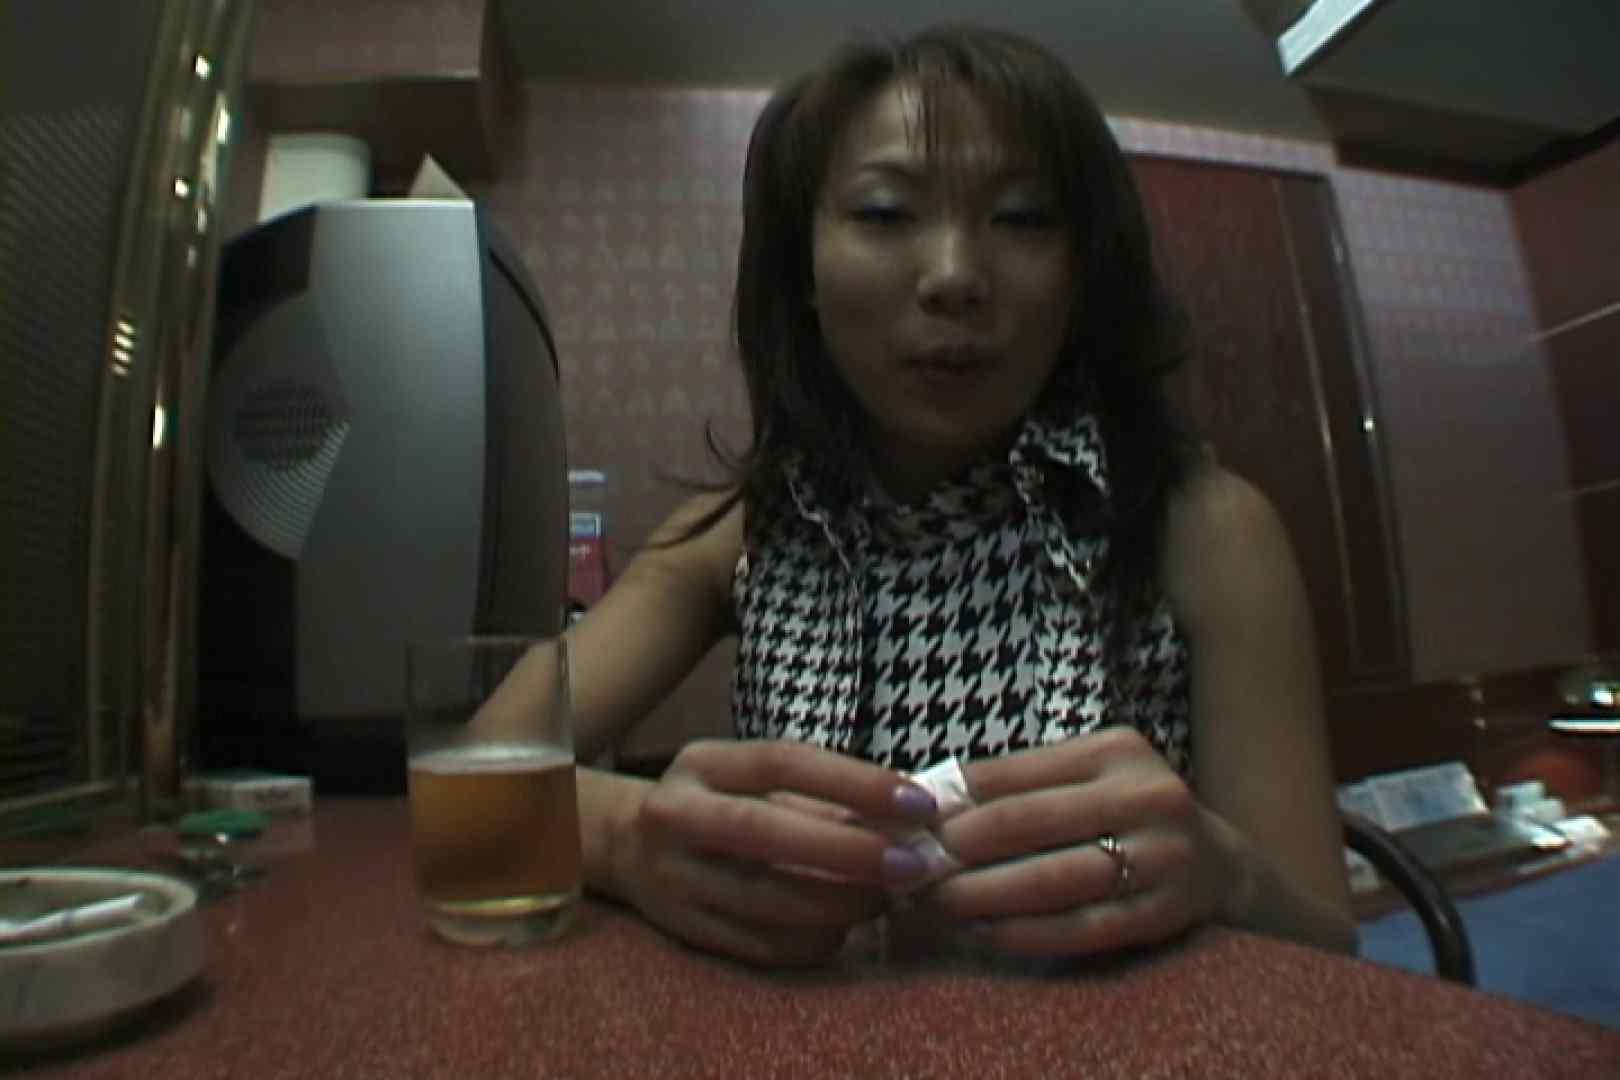 旦那との愛よりも、愛人とのSEX~片瀬梨子~vol,1 エッチなOL スケベ動画紹介 72pic 9